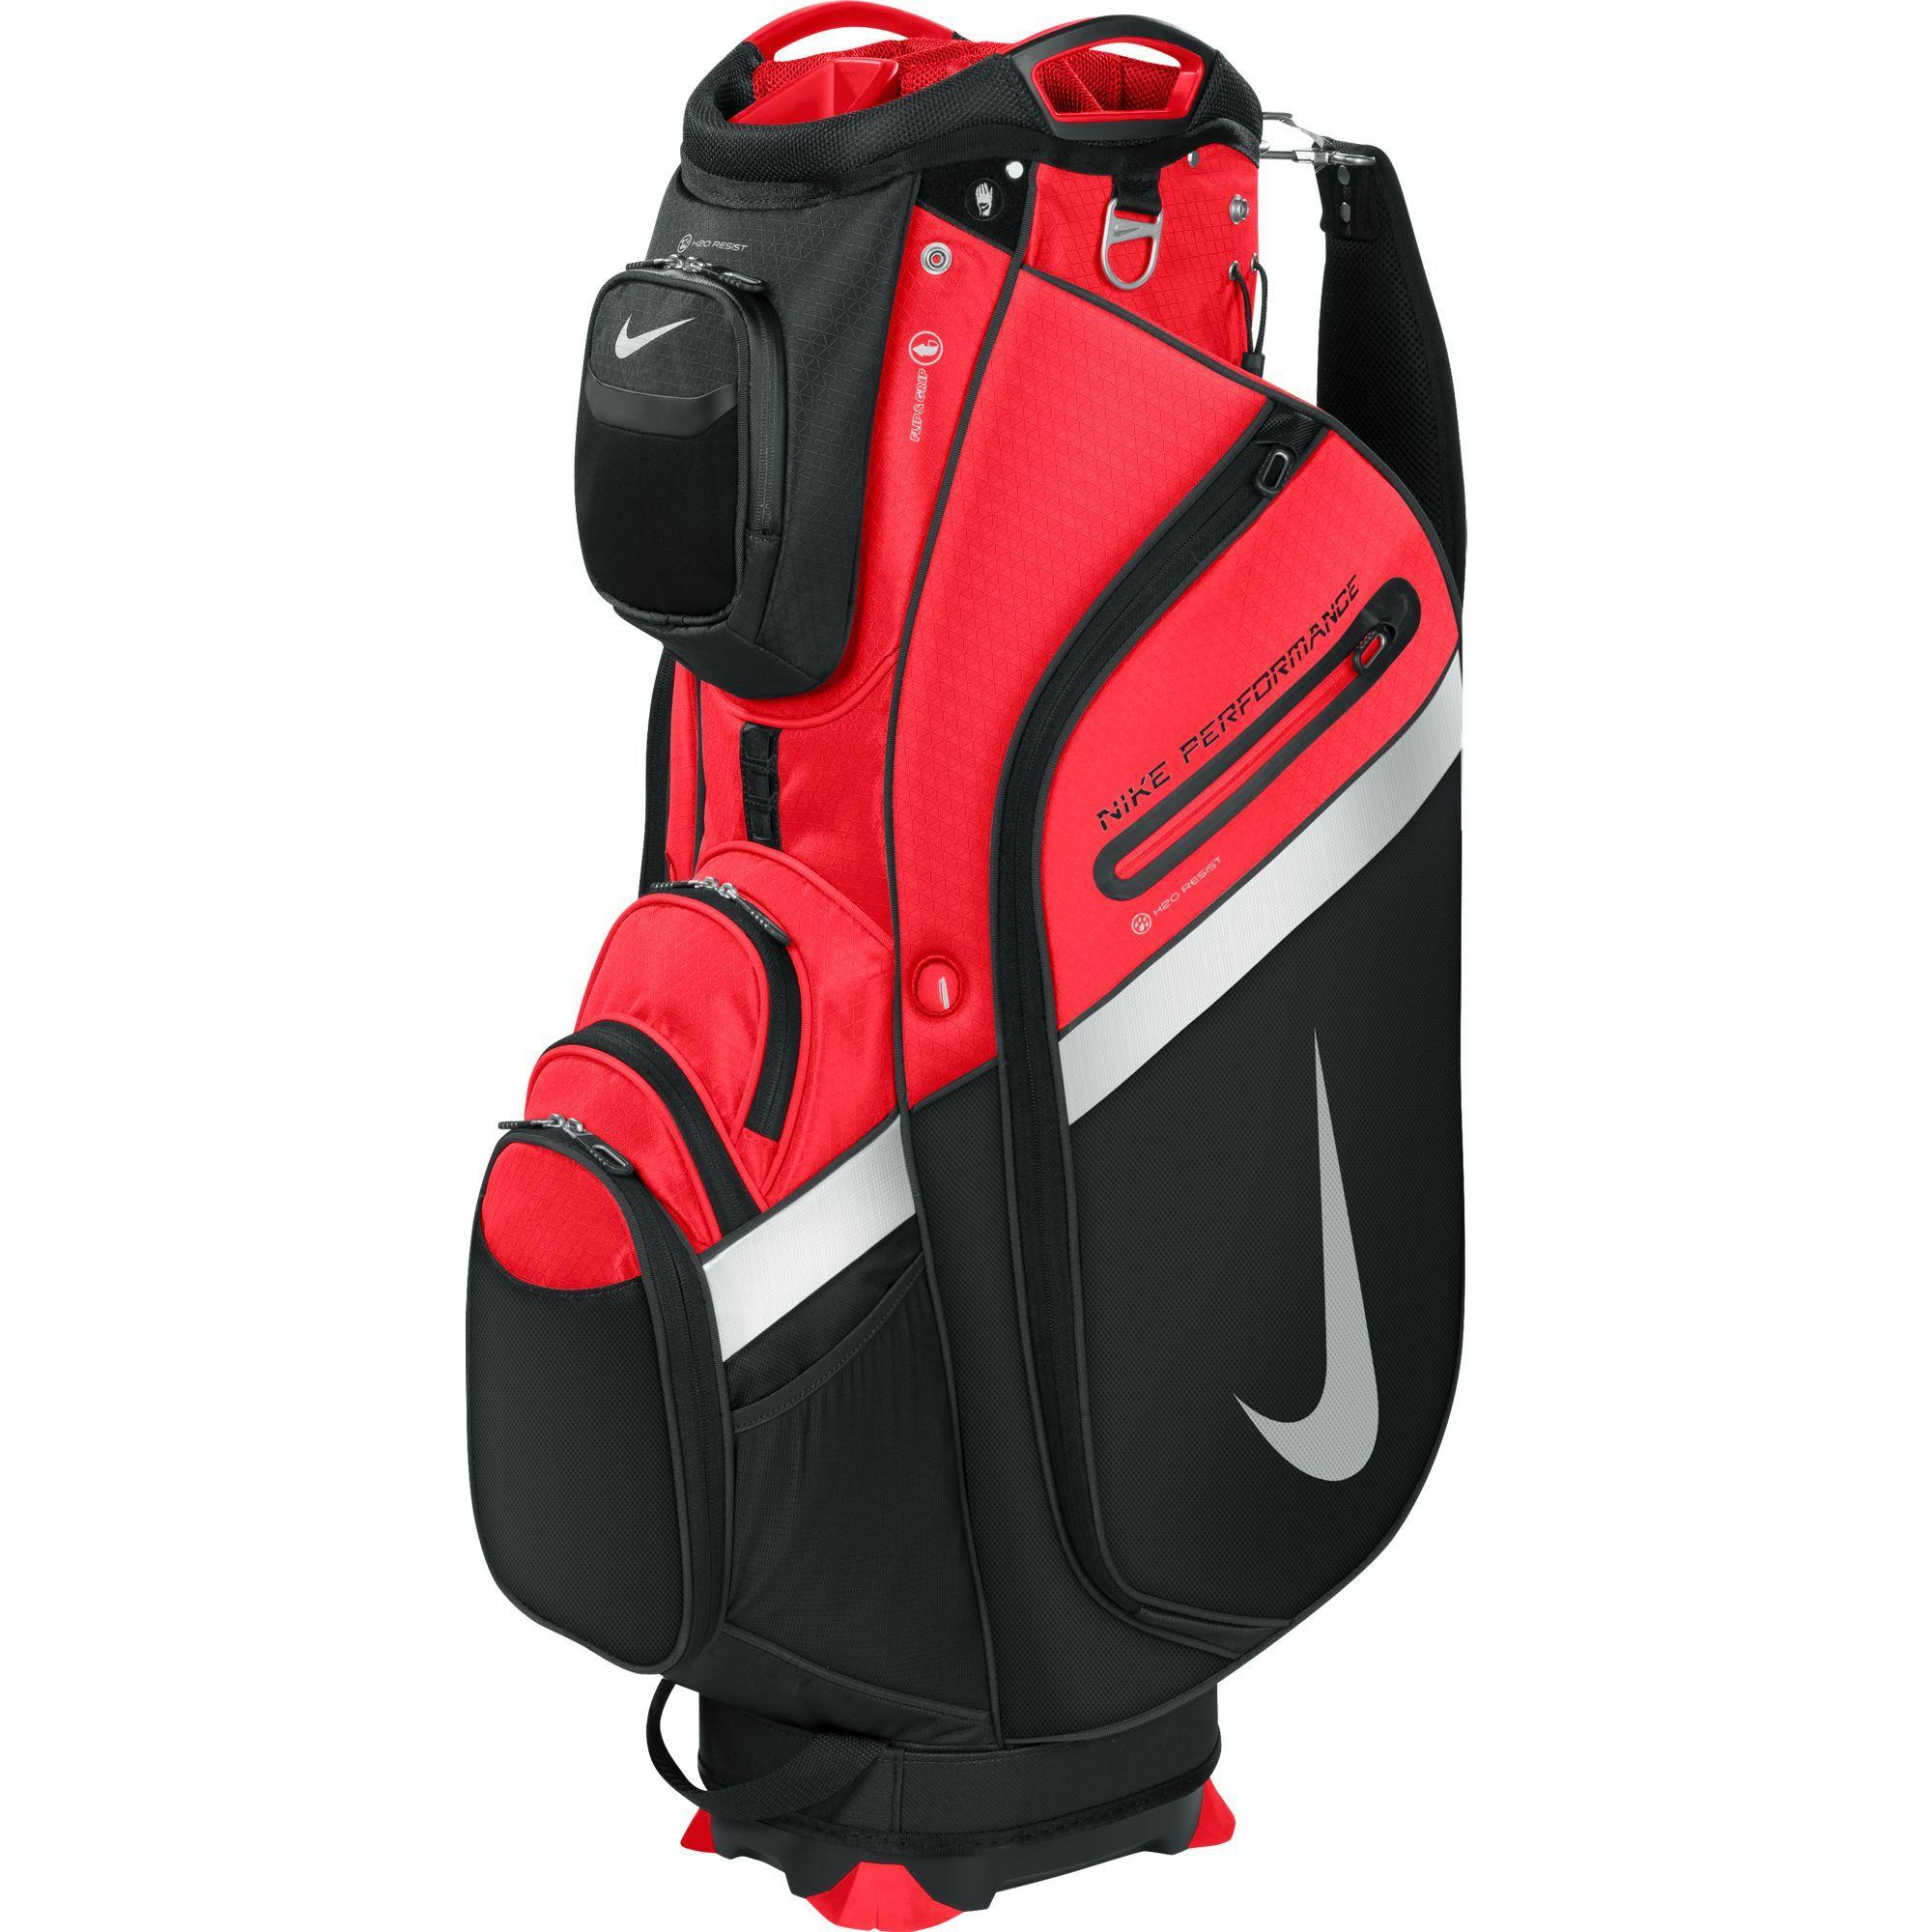 2017 Nike Performance Cart Iv Golf Bag Bg0396